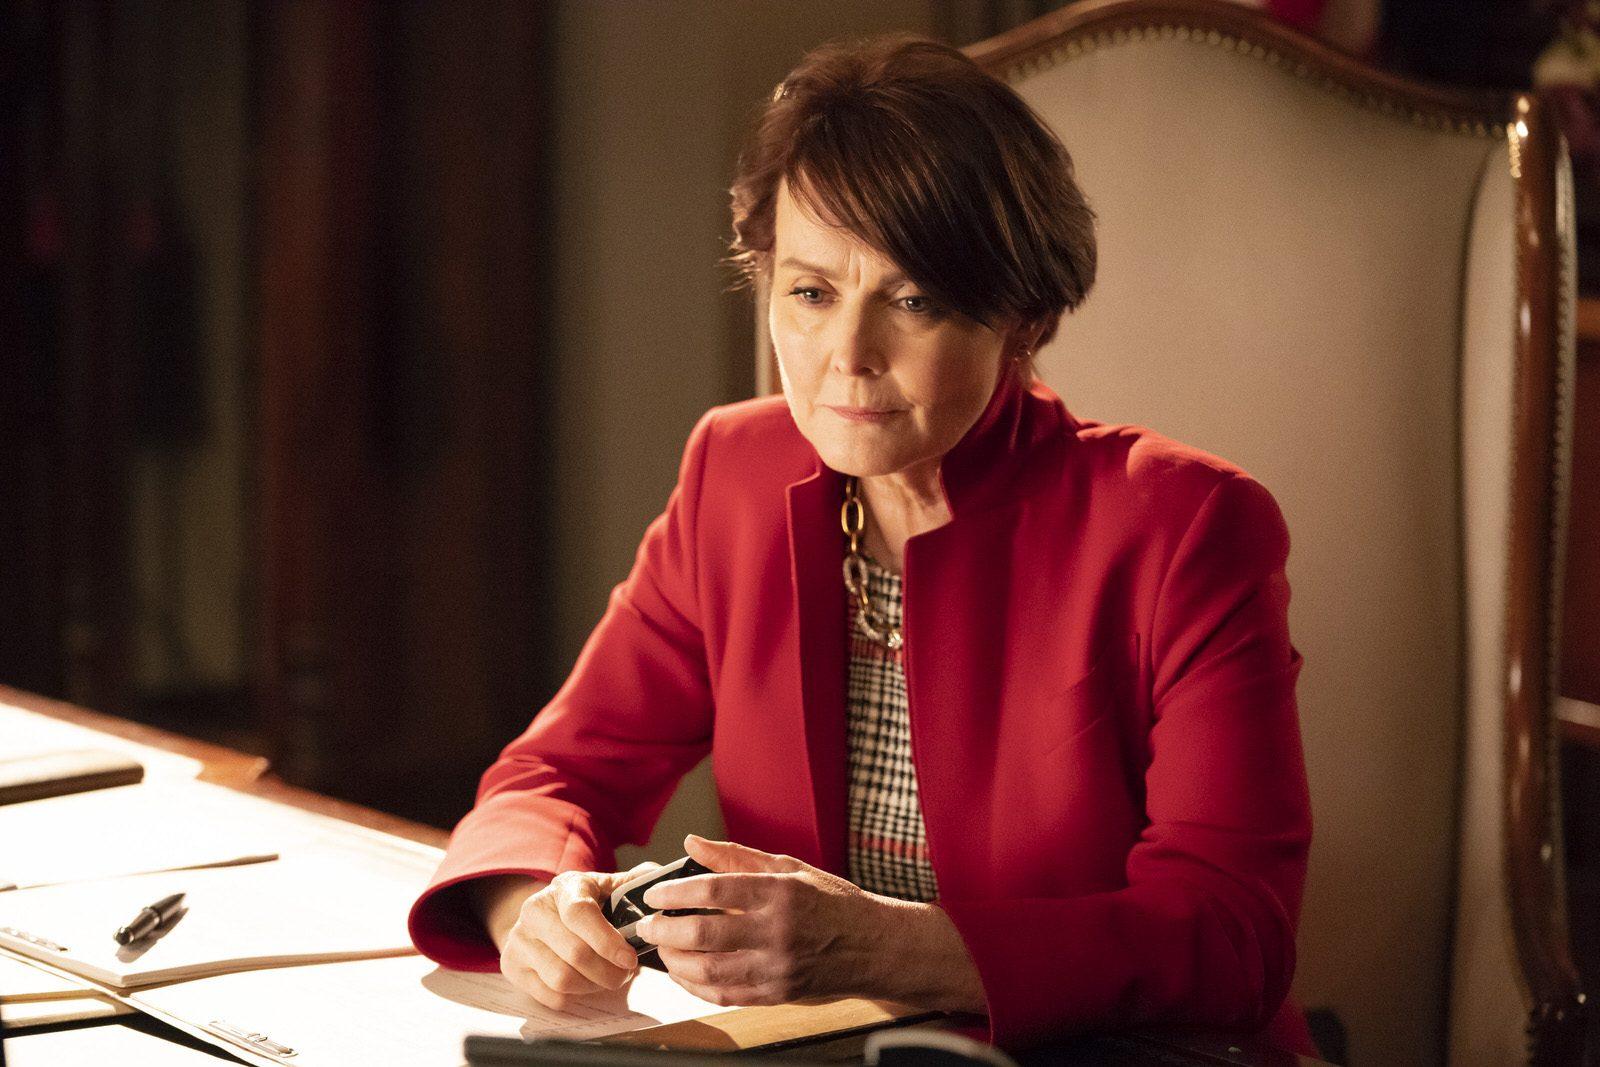 Laura Innes como la Gobernadora Lynne Birkhead en HTGAWM 5x15 (Final de Temporada)